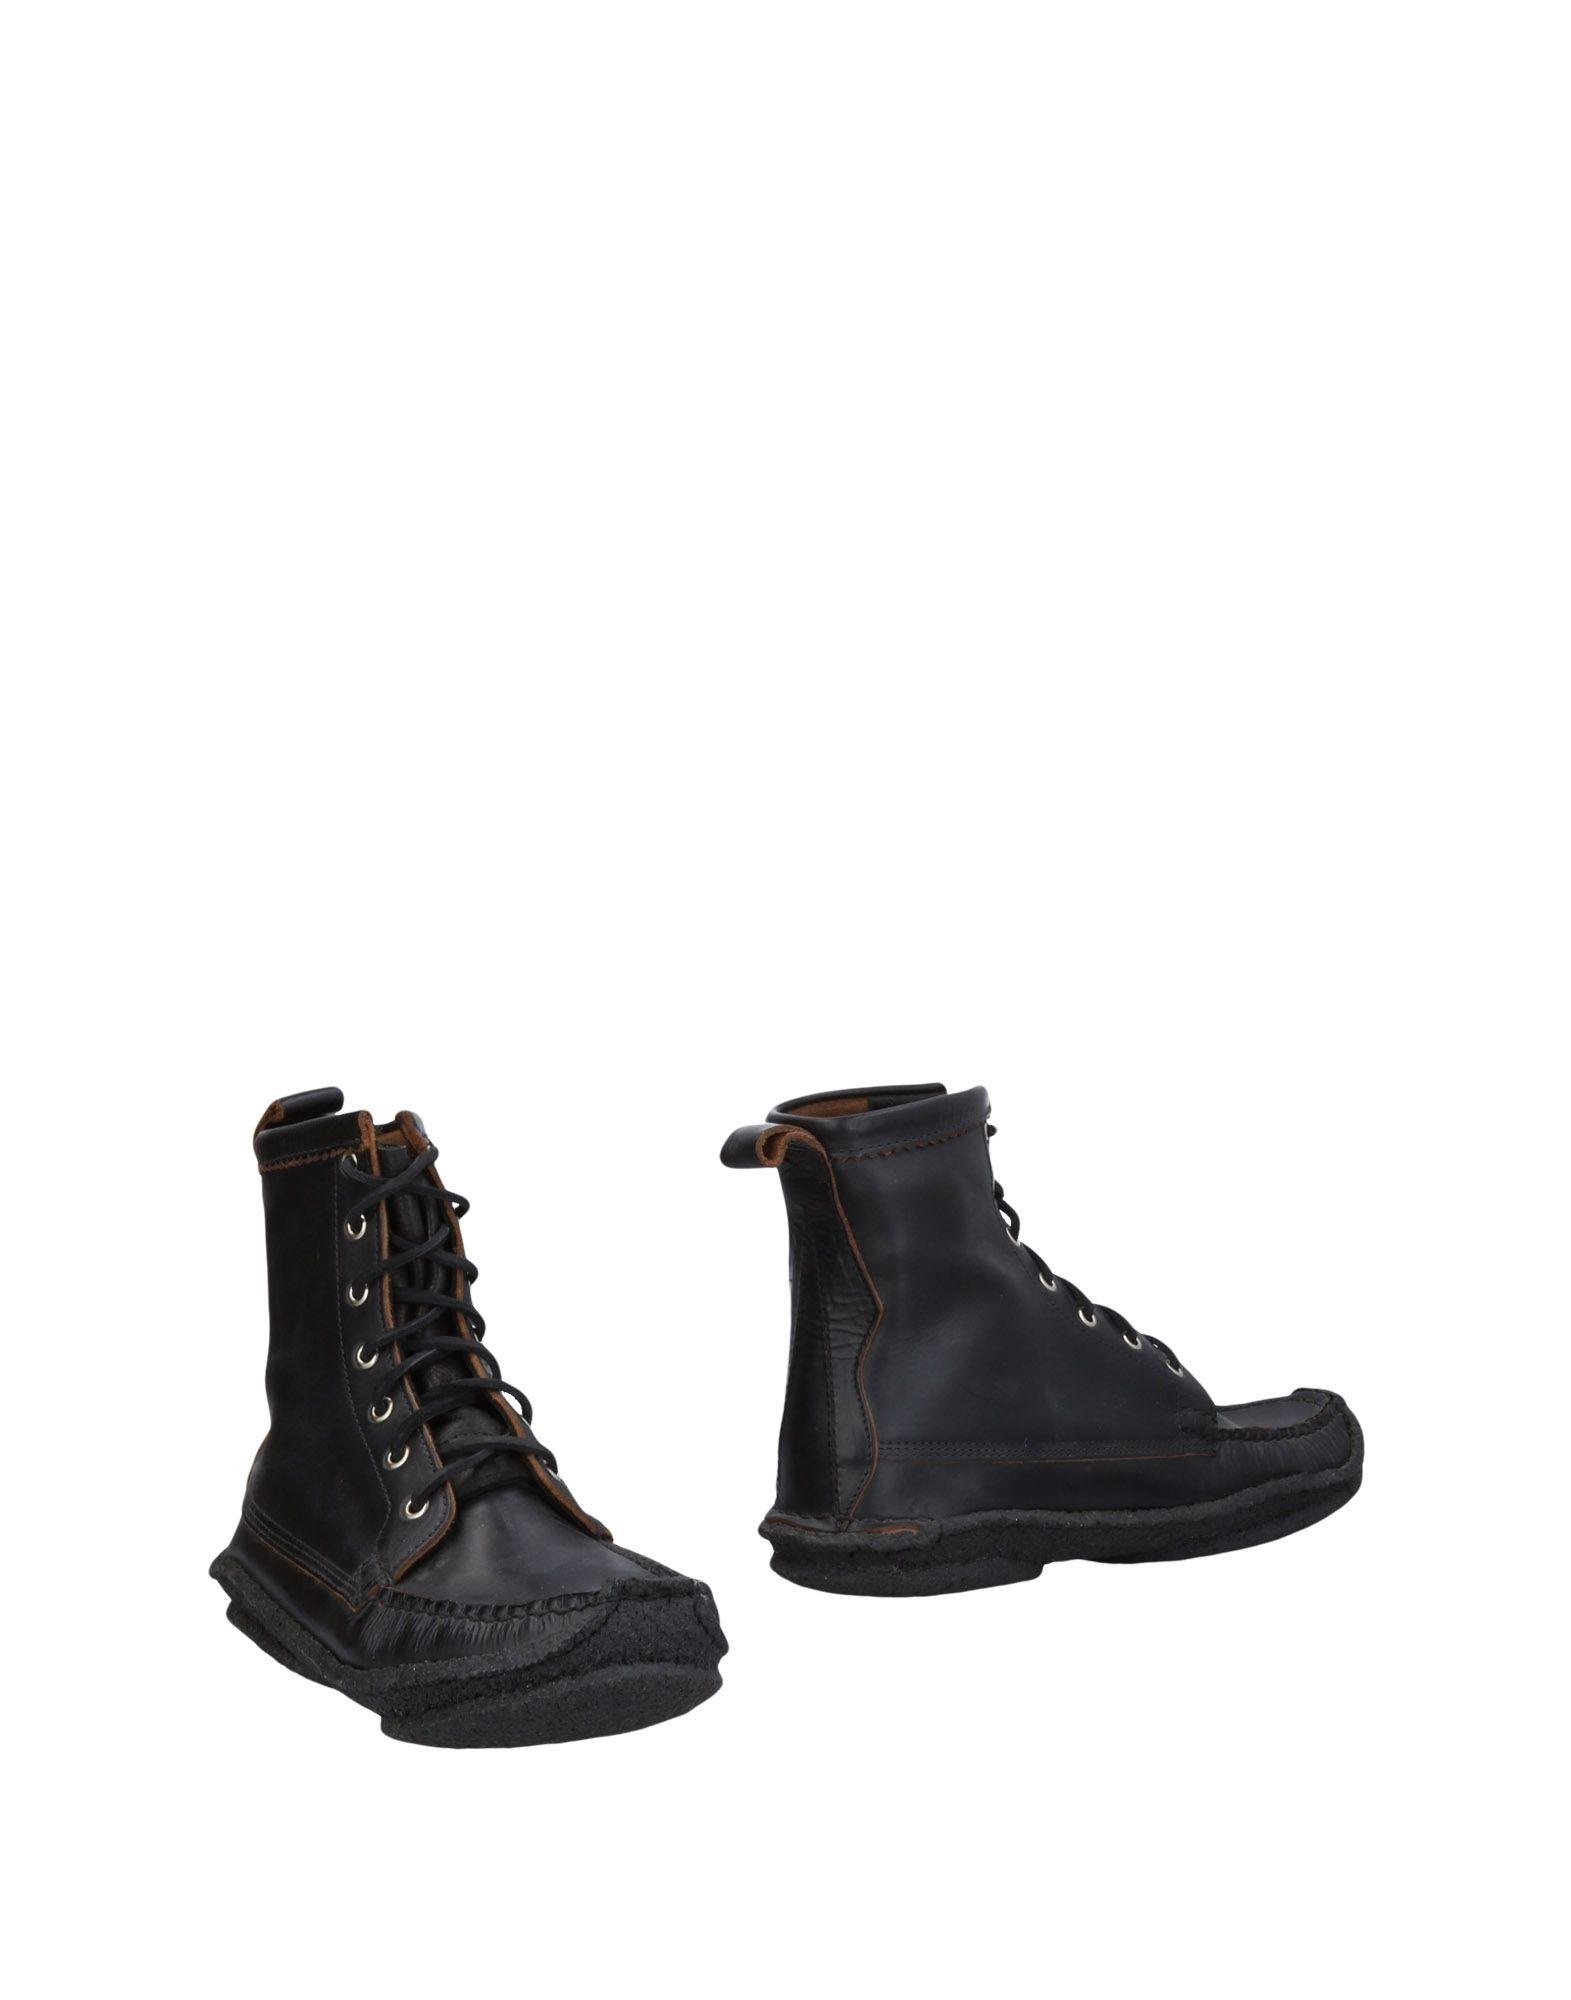 YUKETEN Полусапоги и высокие ботинки цены онлайн